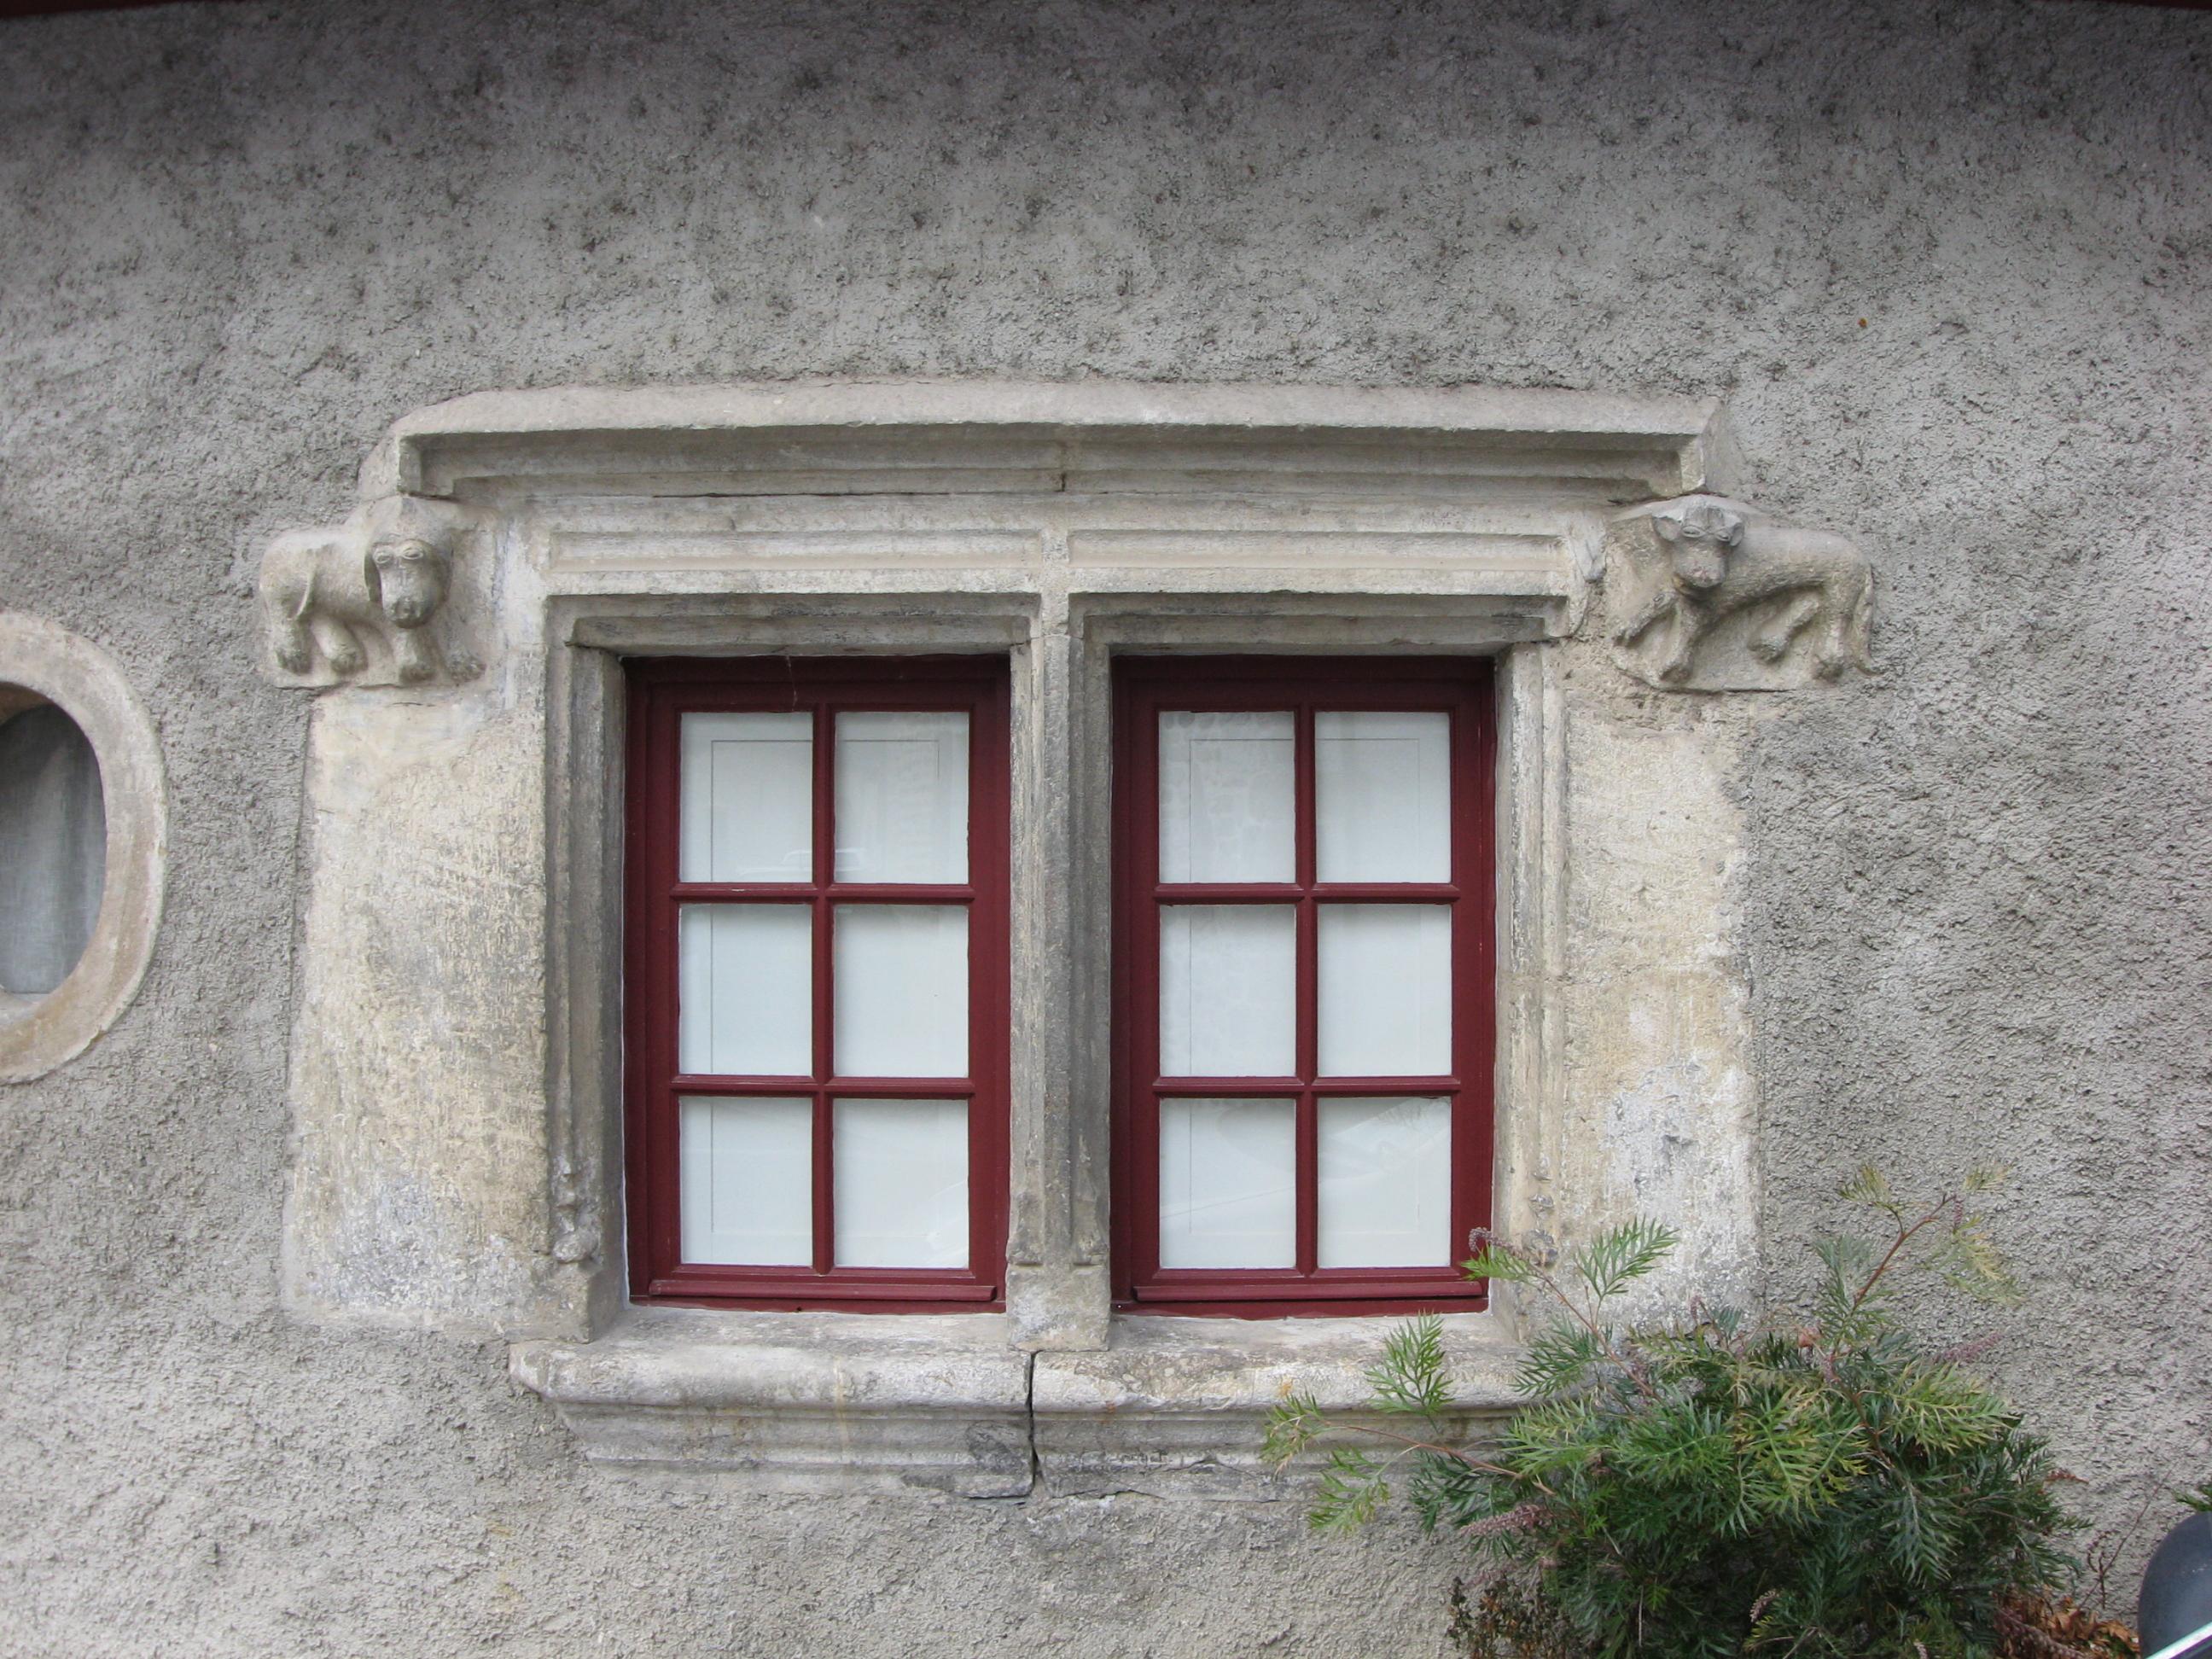 Deco salle de bain youtub rueil malmaison renover une for Fenetre wikipedia